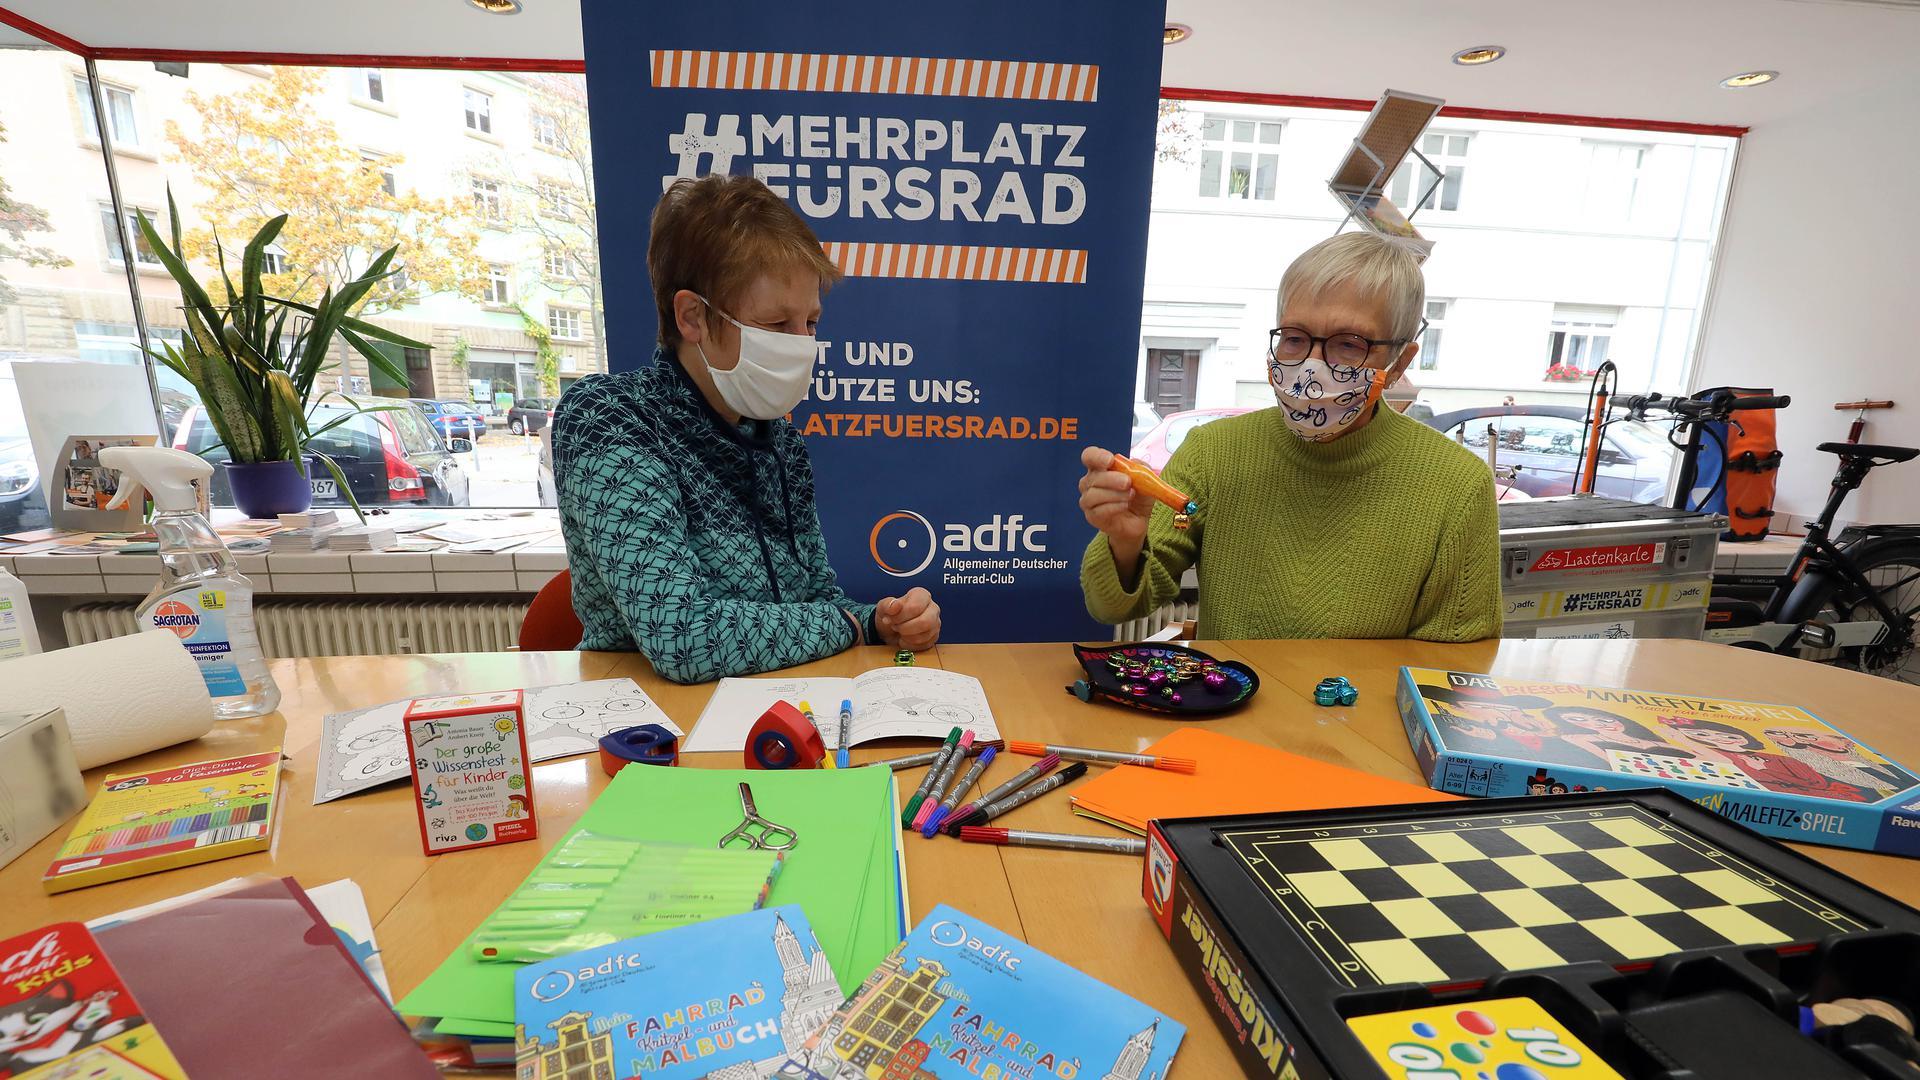 27.10.2020 Beim ADFC-Kreisverband Karlsruhe starten Ulrike Glauner (links) und Renate Finkbeiner-Weigel eine Kindergruppe in der Geschäftsstelle des ADFC in der Welfenstraße 13.